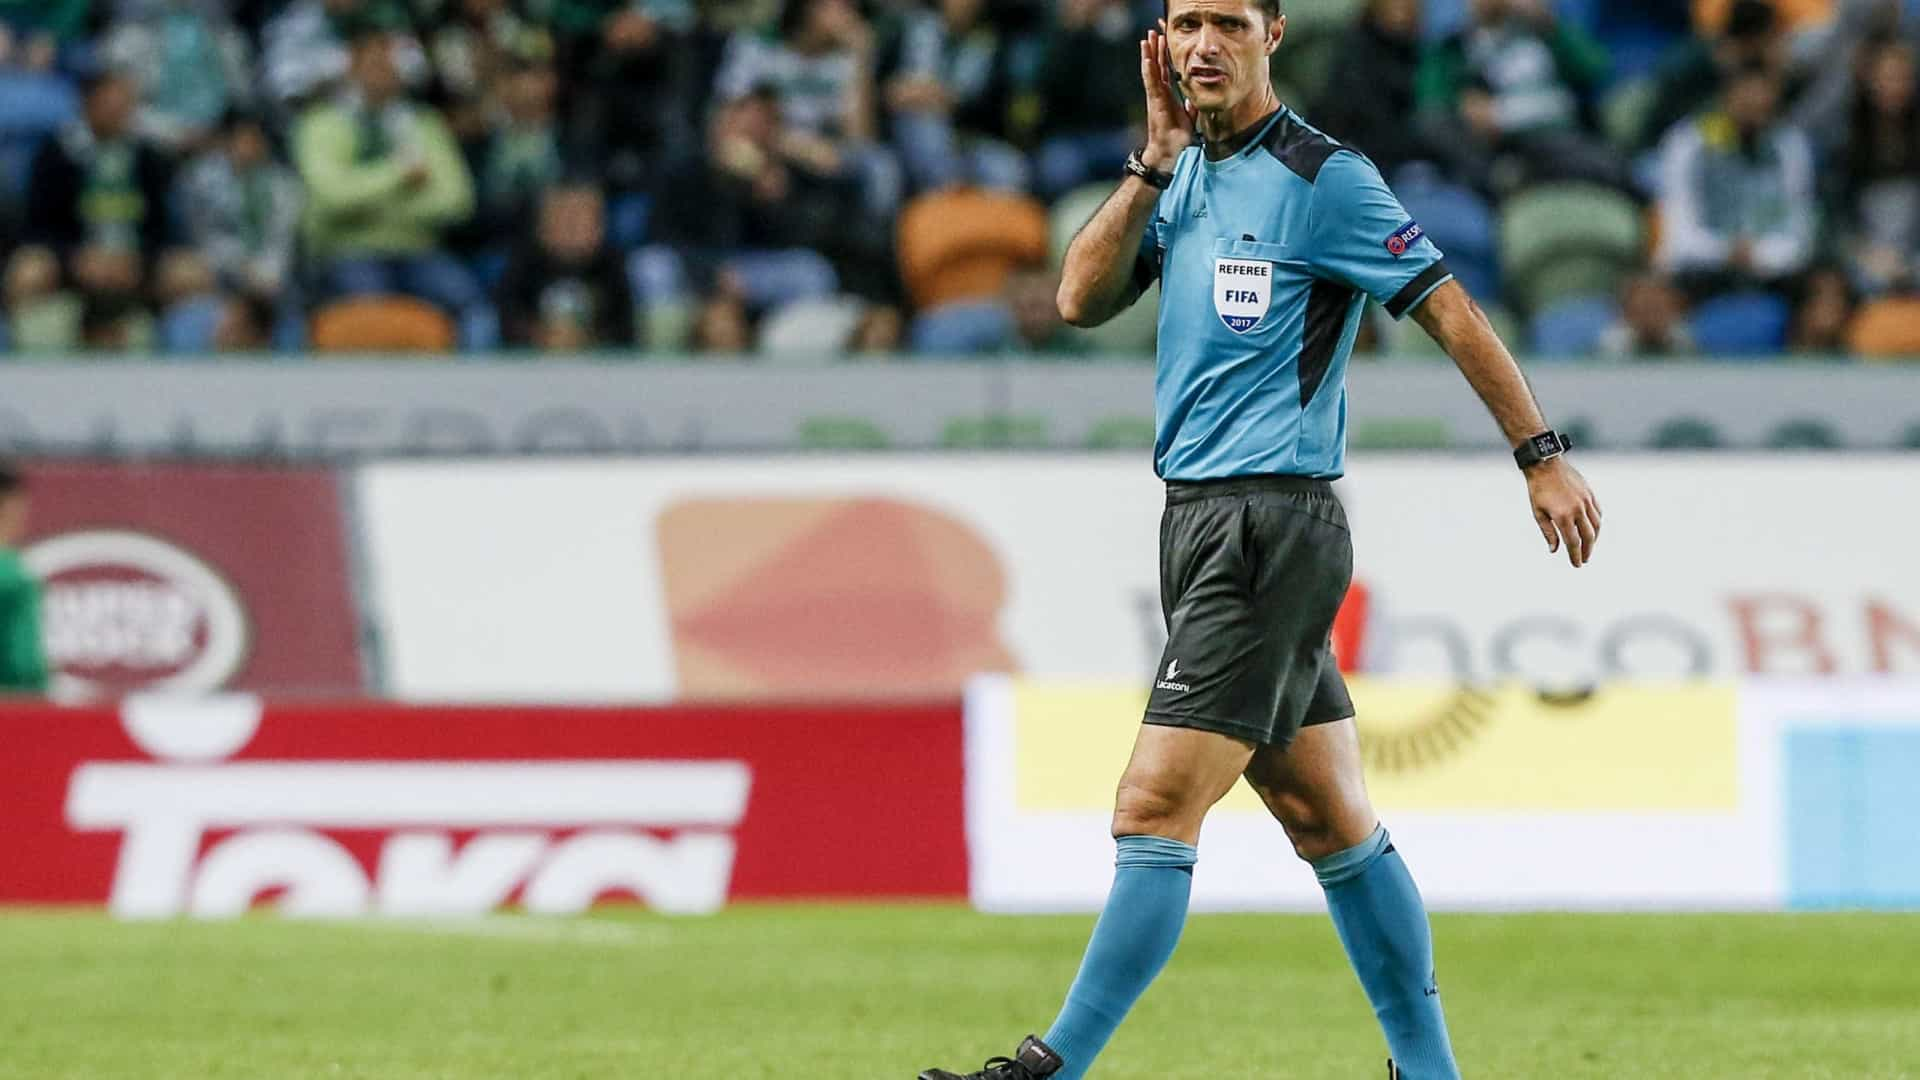 Carlos Xistra nomeado para apitar o Vitória de Setúbal-Benfica